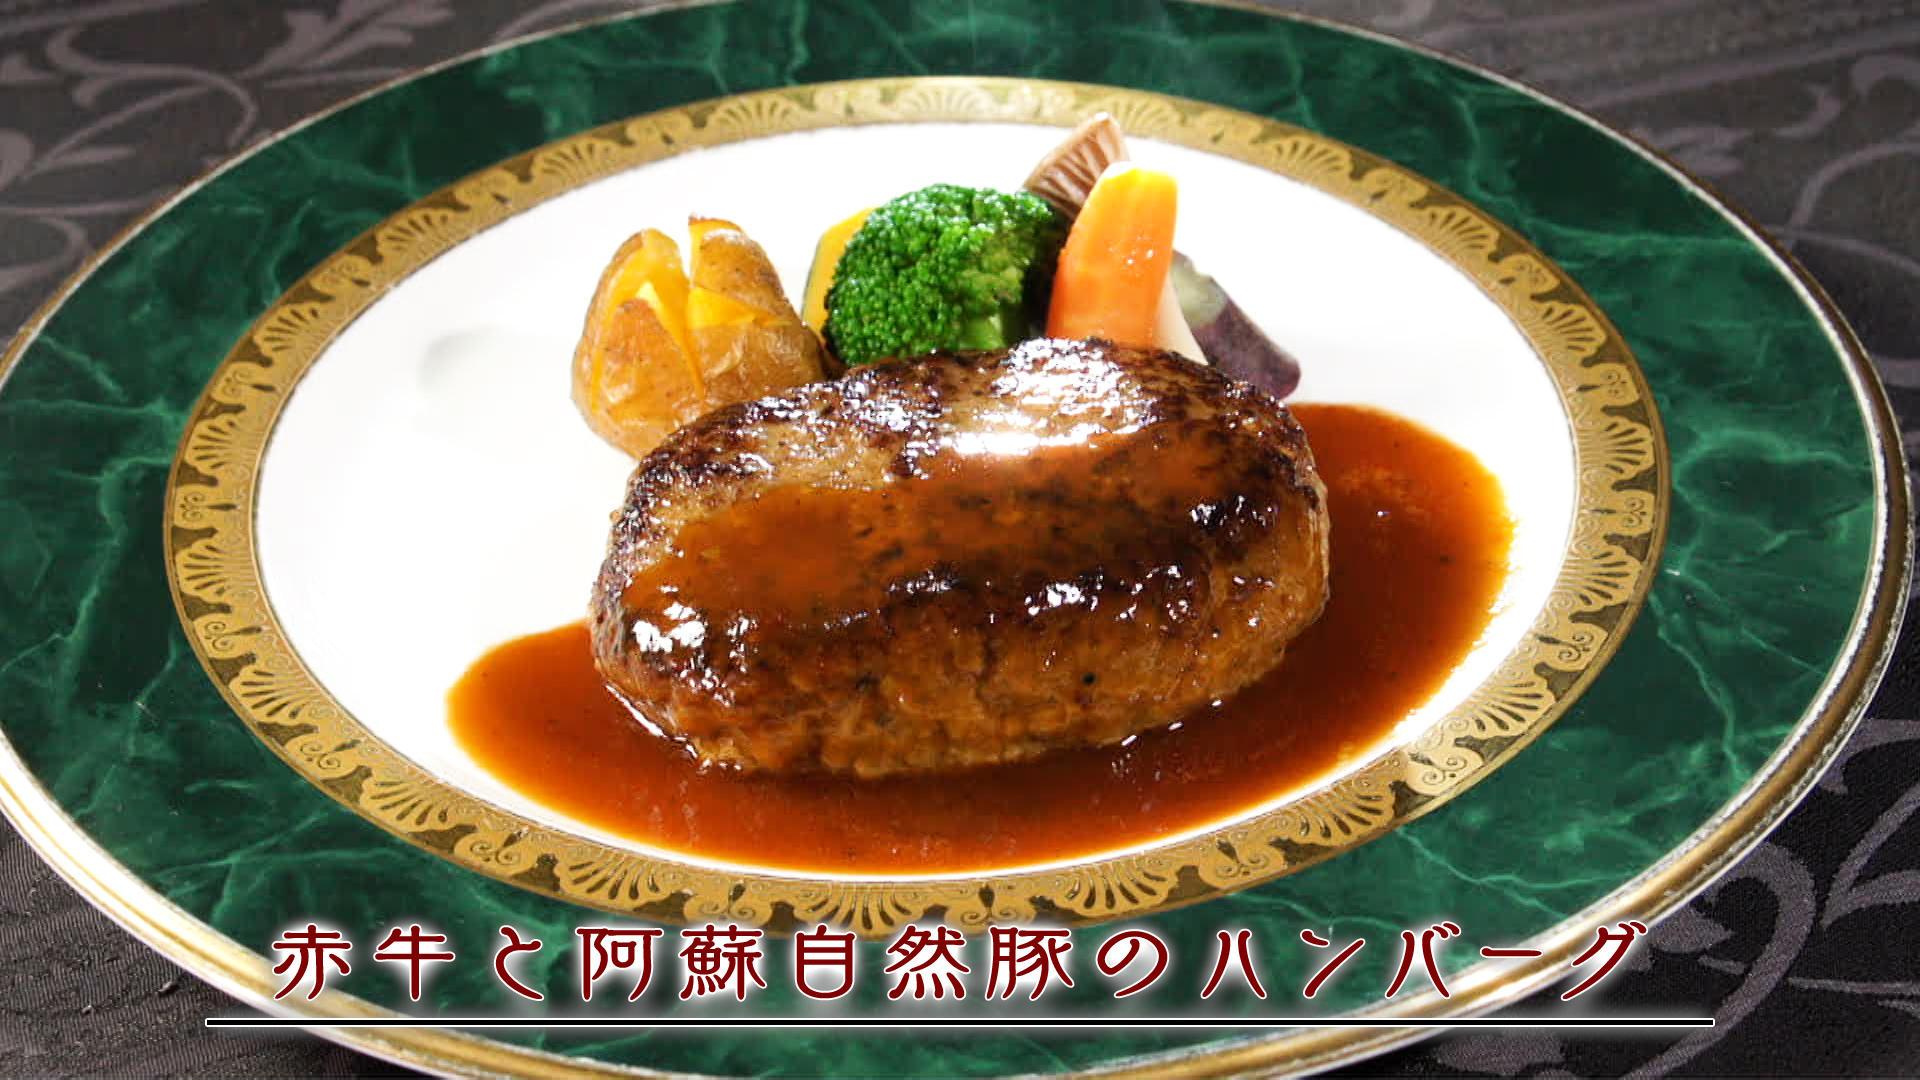 赤牛と阿蘇自然豚のハンバーグセット